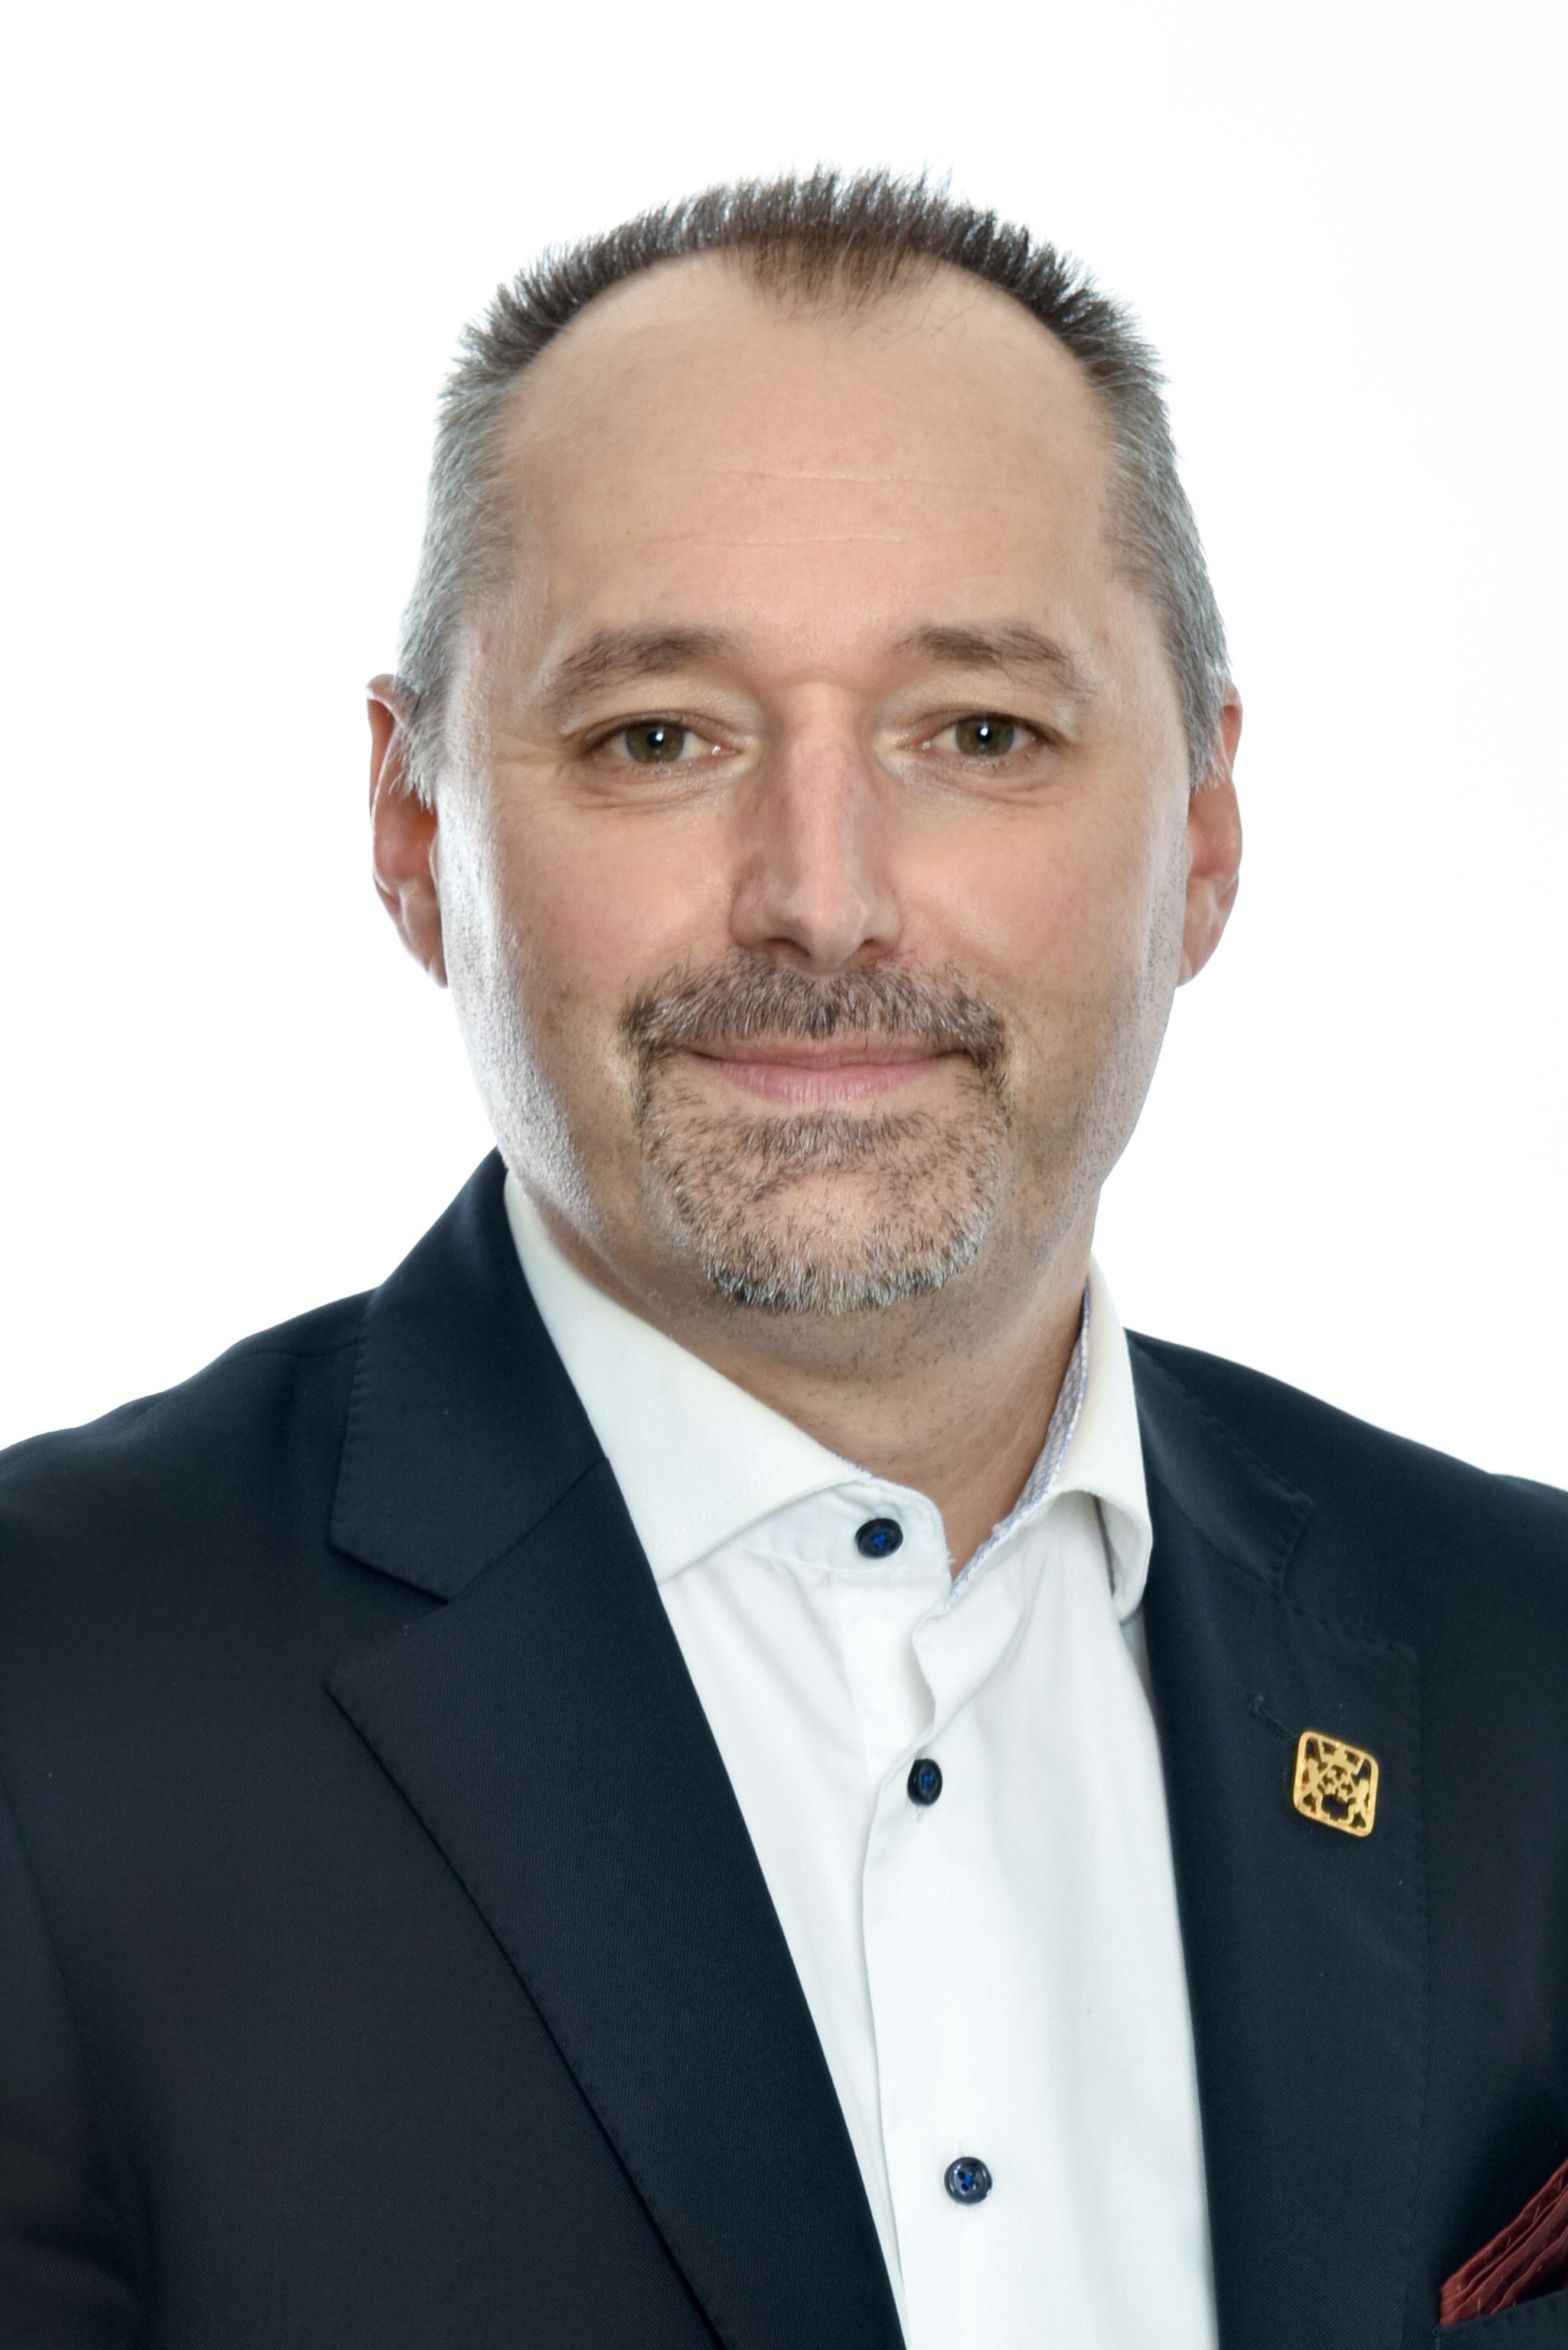 Lionel Coutaz